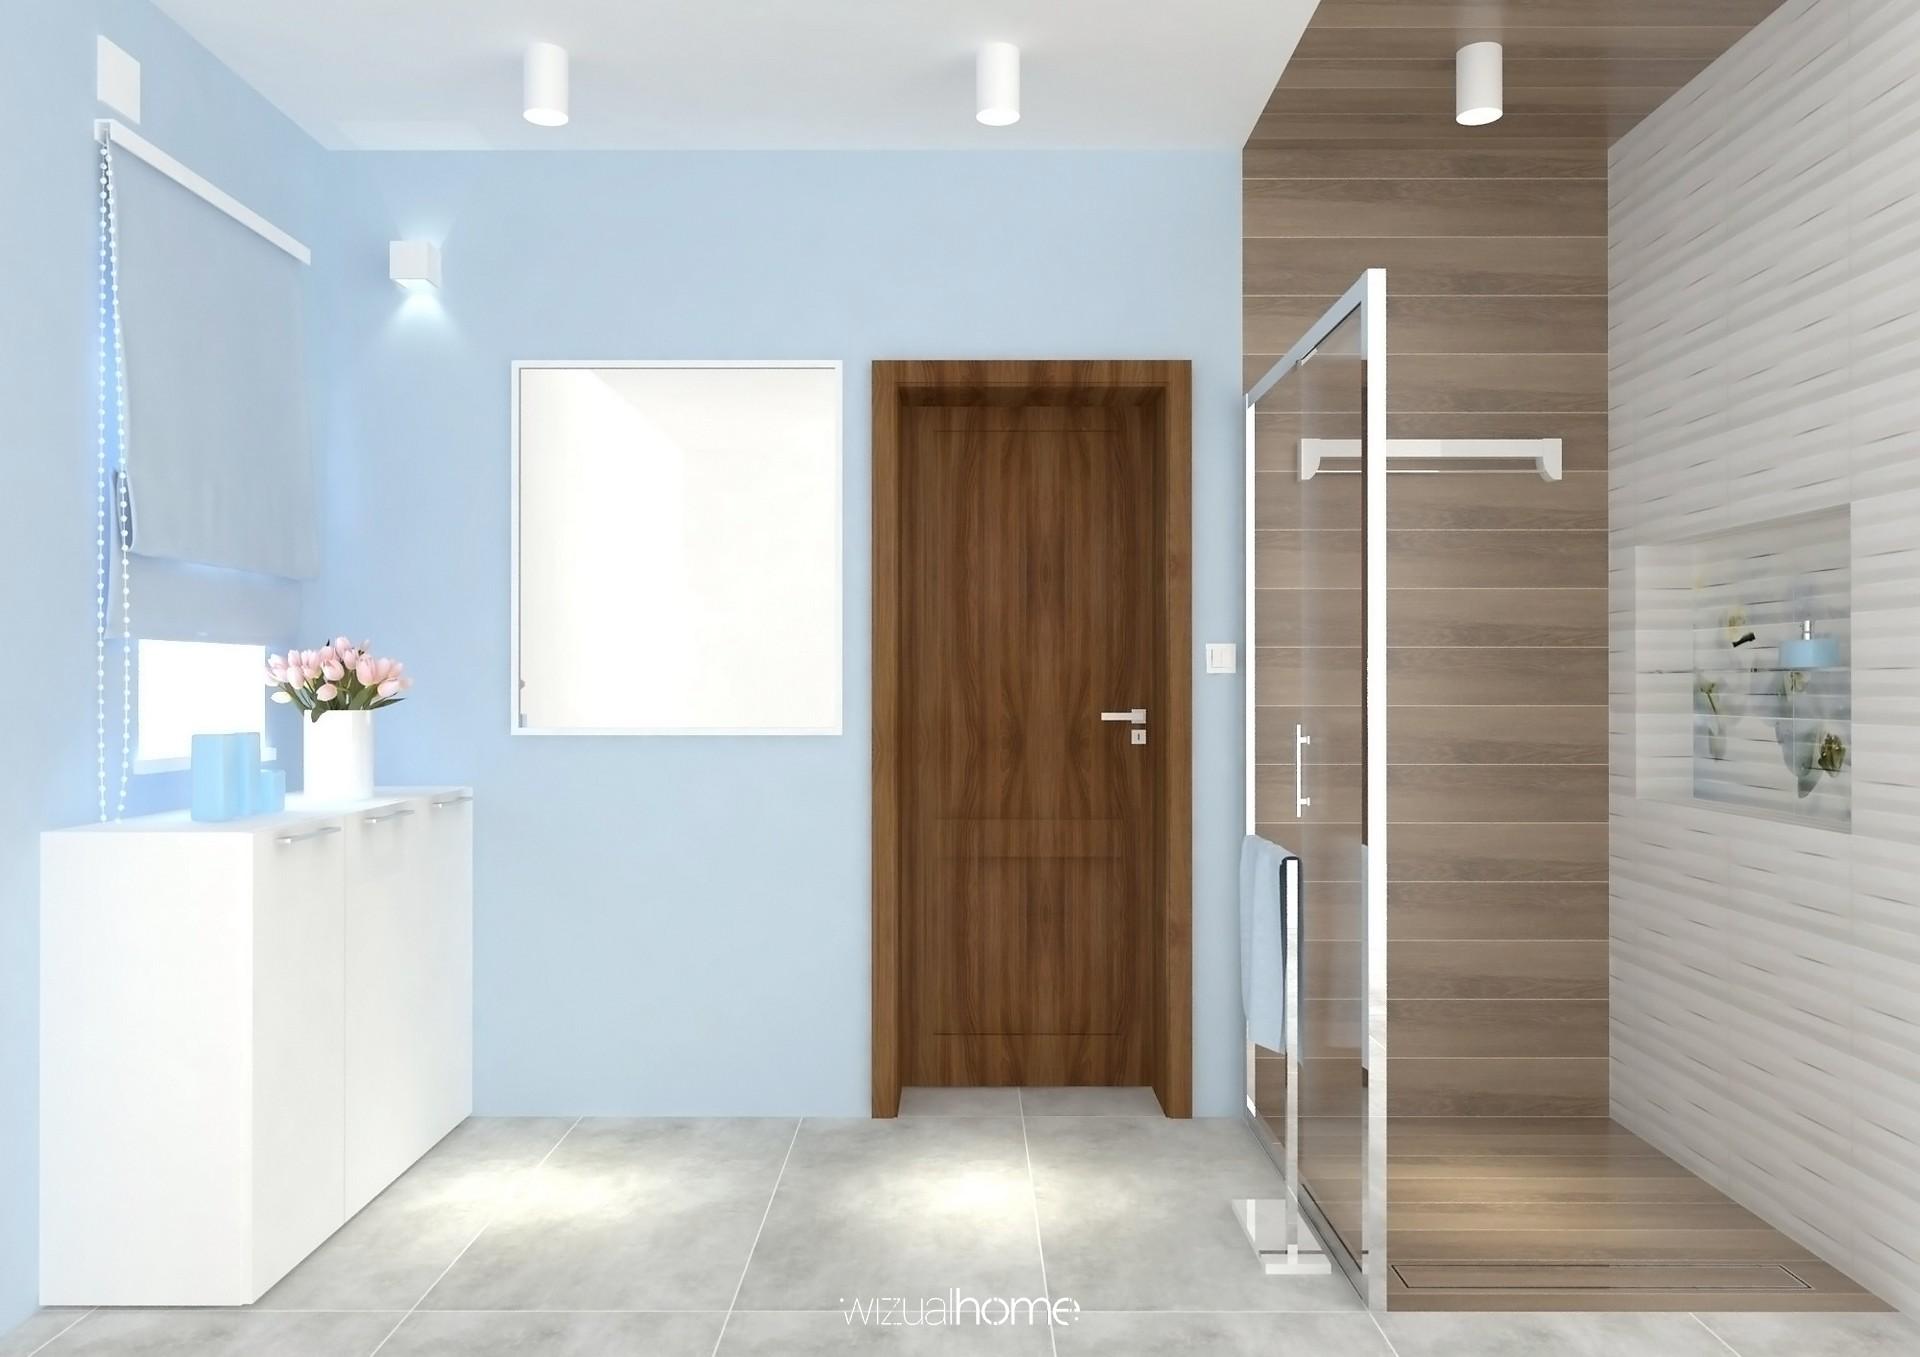 Wizualizacja łazienki w kolorze niebieskim w domku jednorodzinnym.